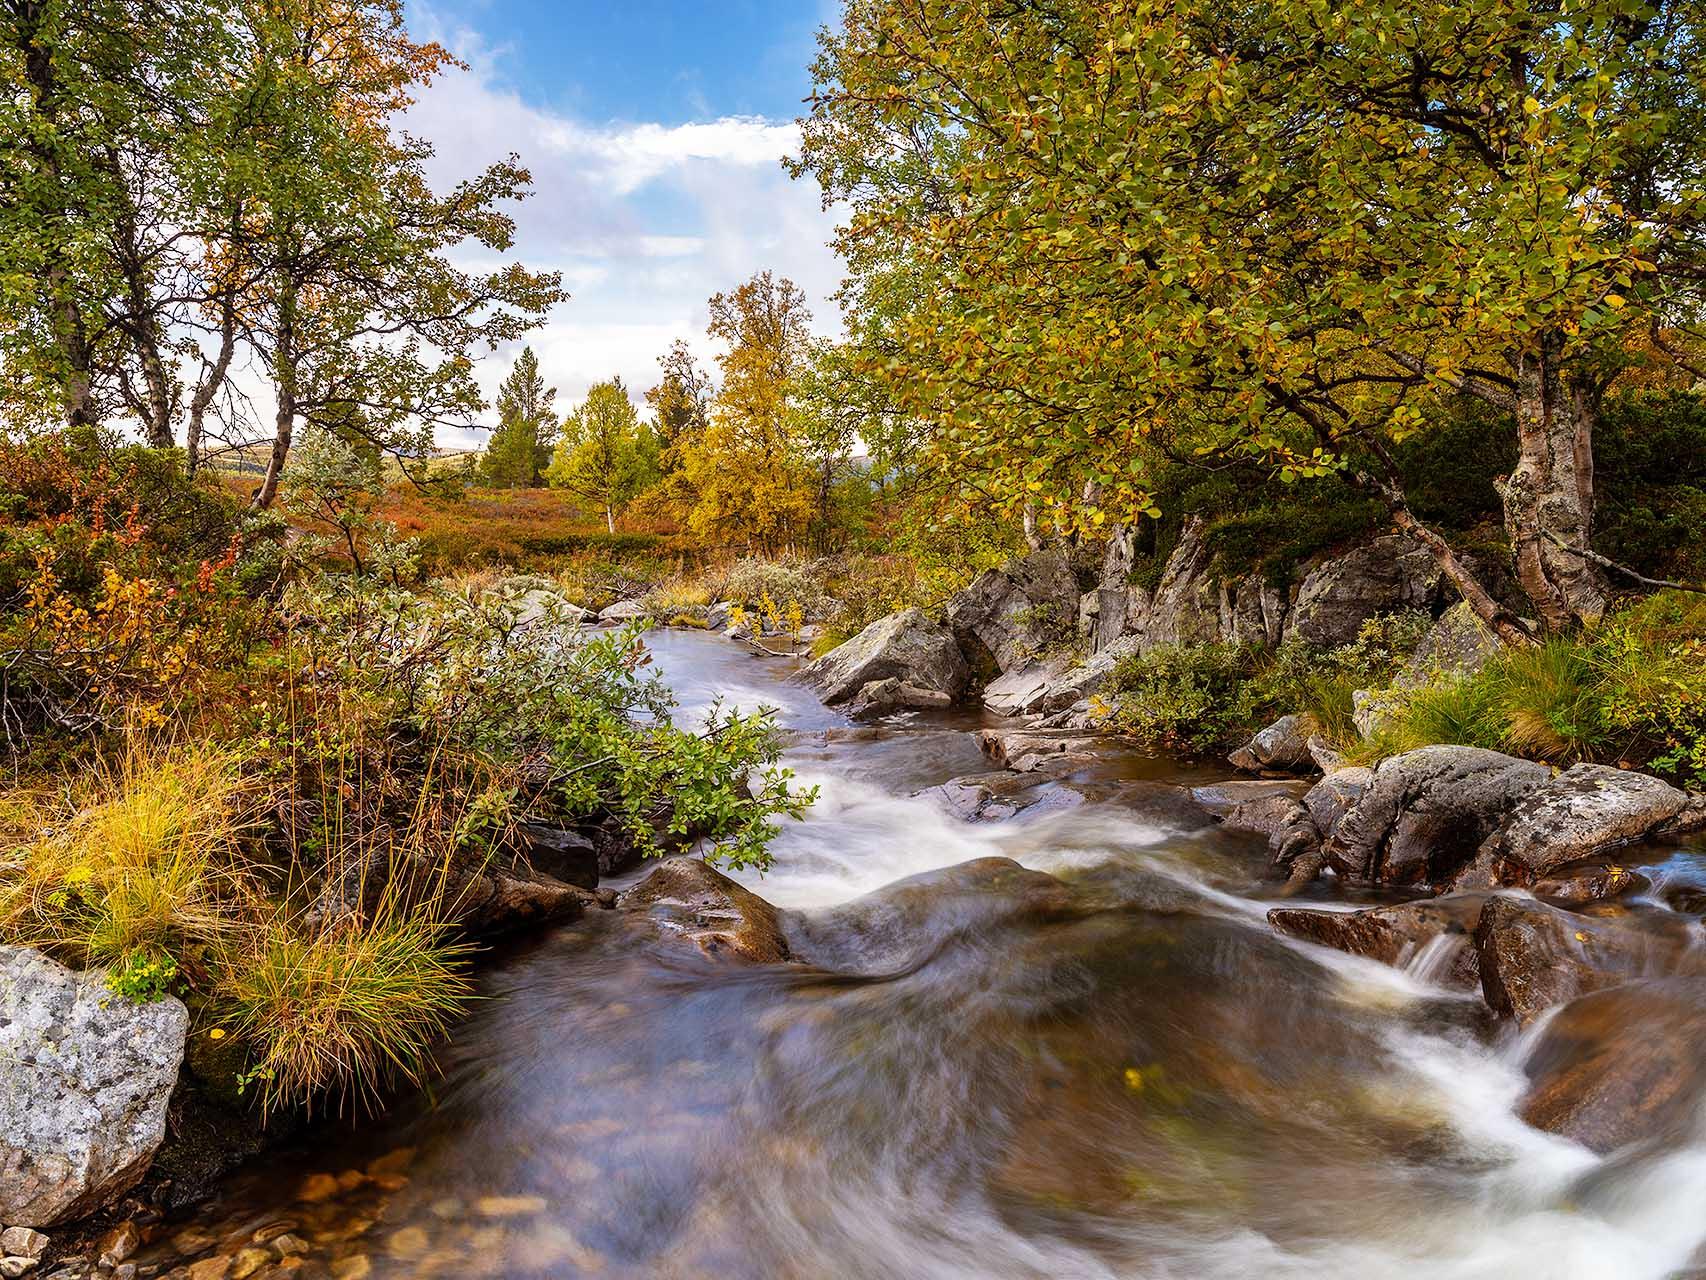 Een prachtige plek in Noorwegen. Wat wil je nog meer? Herfstkleuren en een klein klaterend riviertje. Ik kan hier uren fotograferen en continue nieuwe onderwerpen en composities vinden